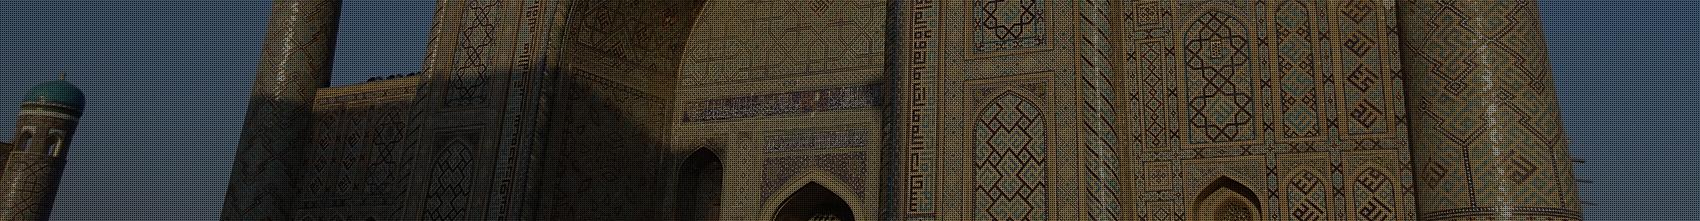 ウズベキスタン側機関